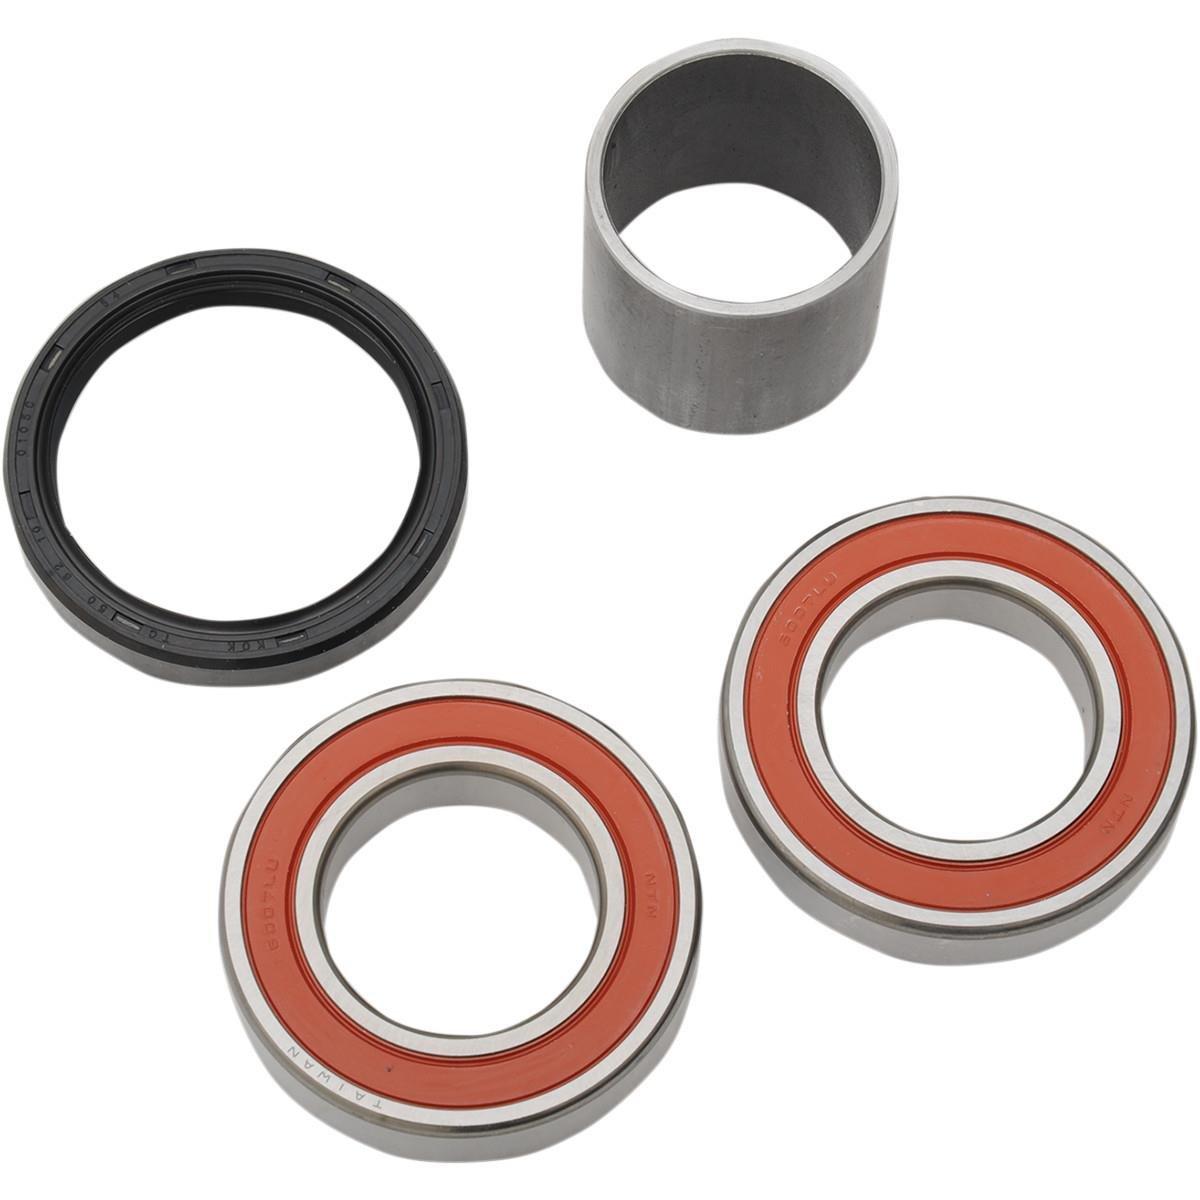 Camoplast 7090-00-0001 Tatou 4S Track System S-Kit 2 Bearings